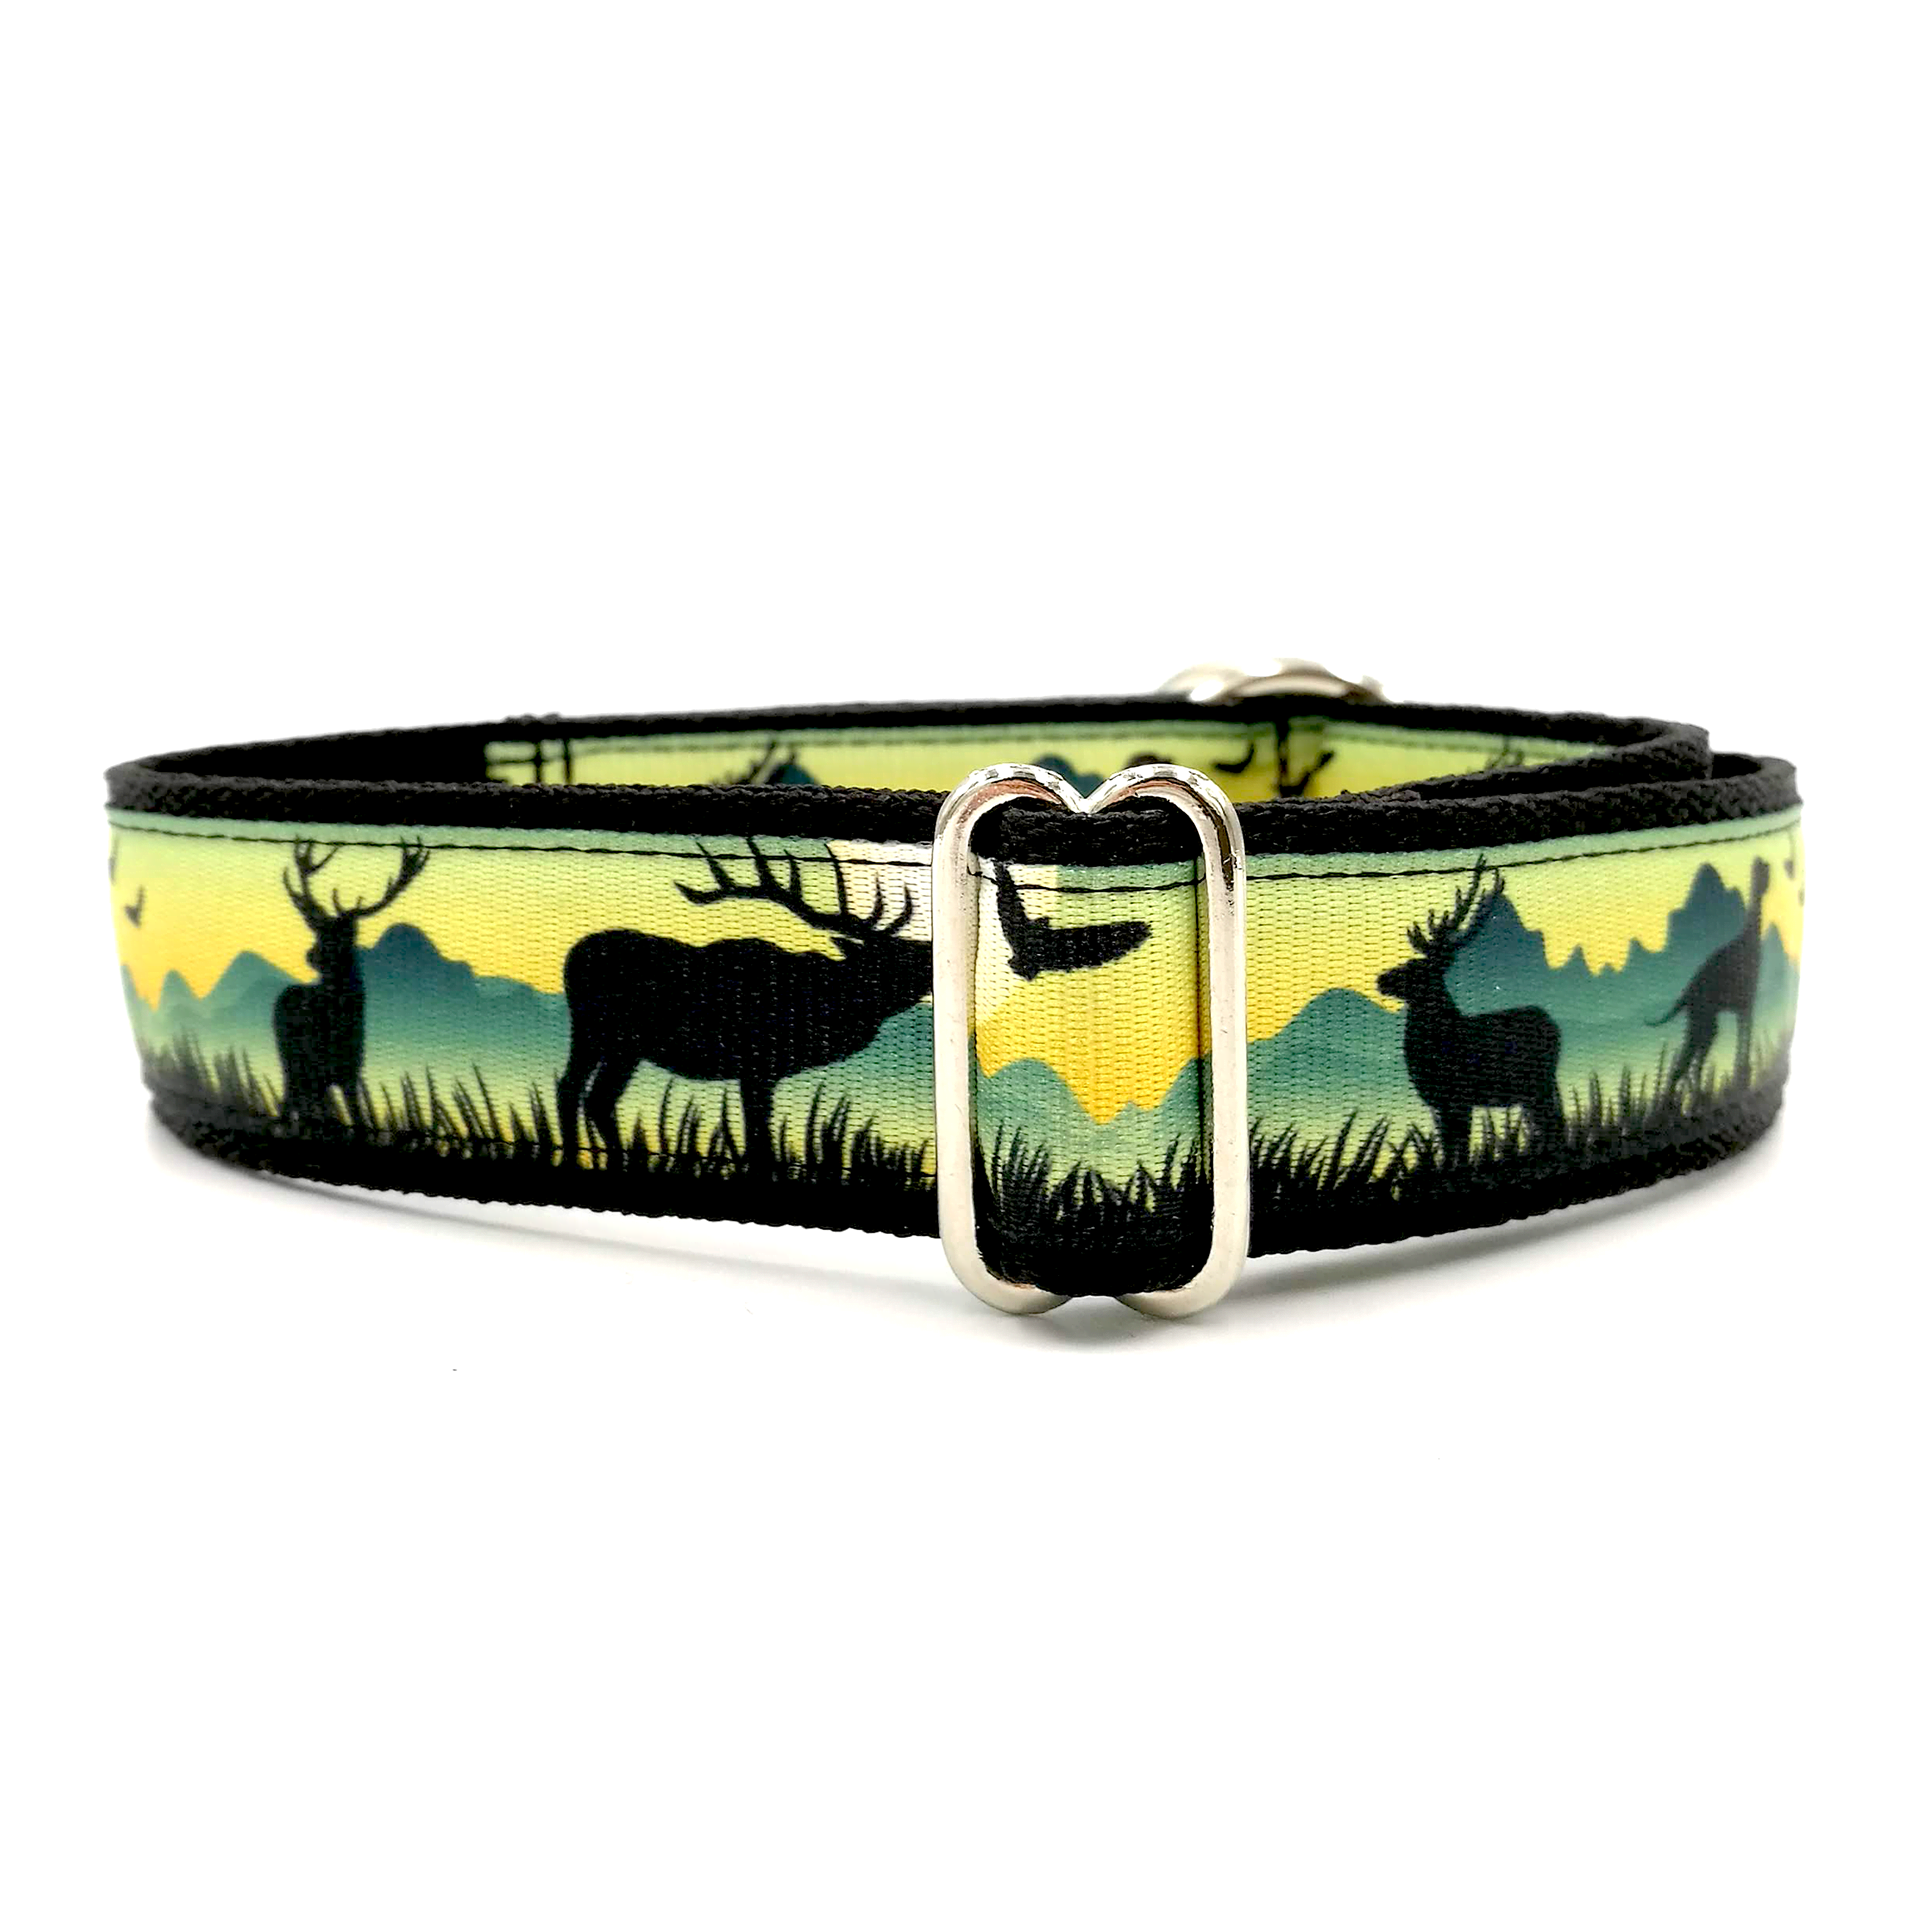 Hunter dog collar